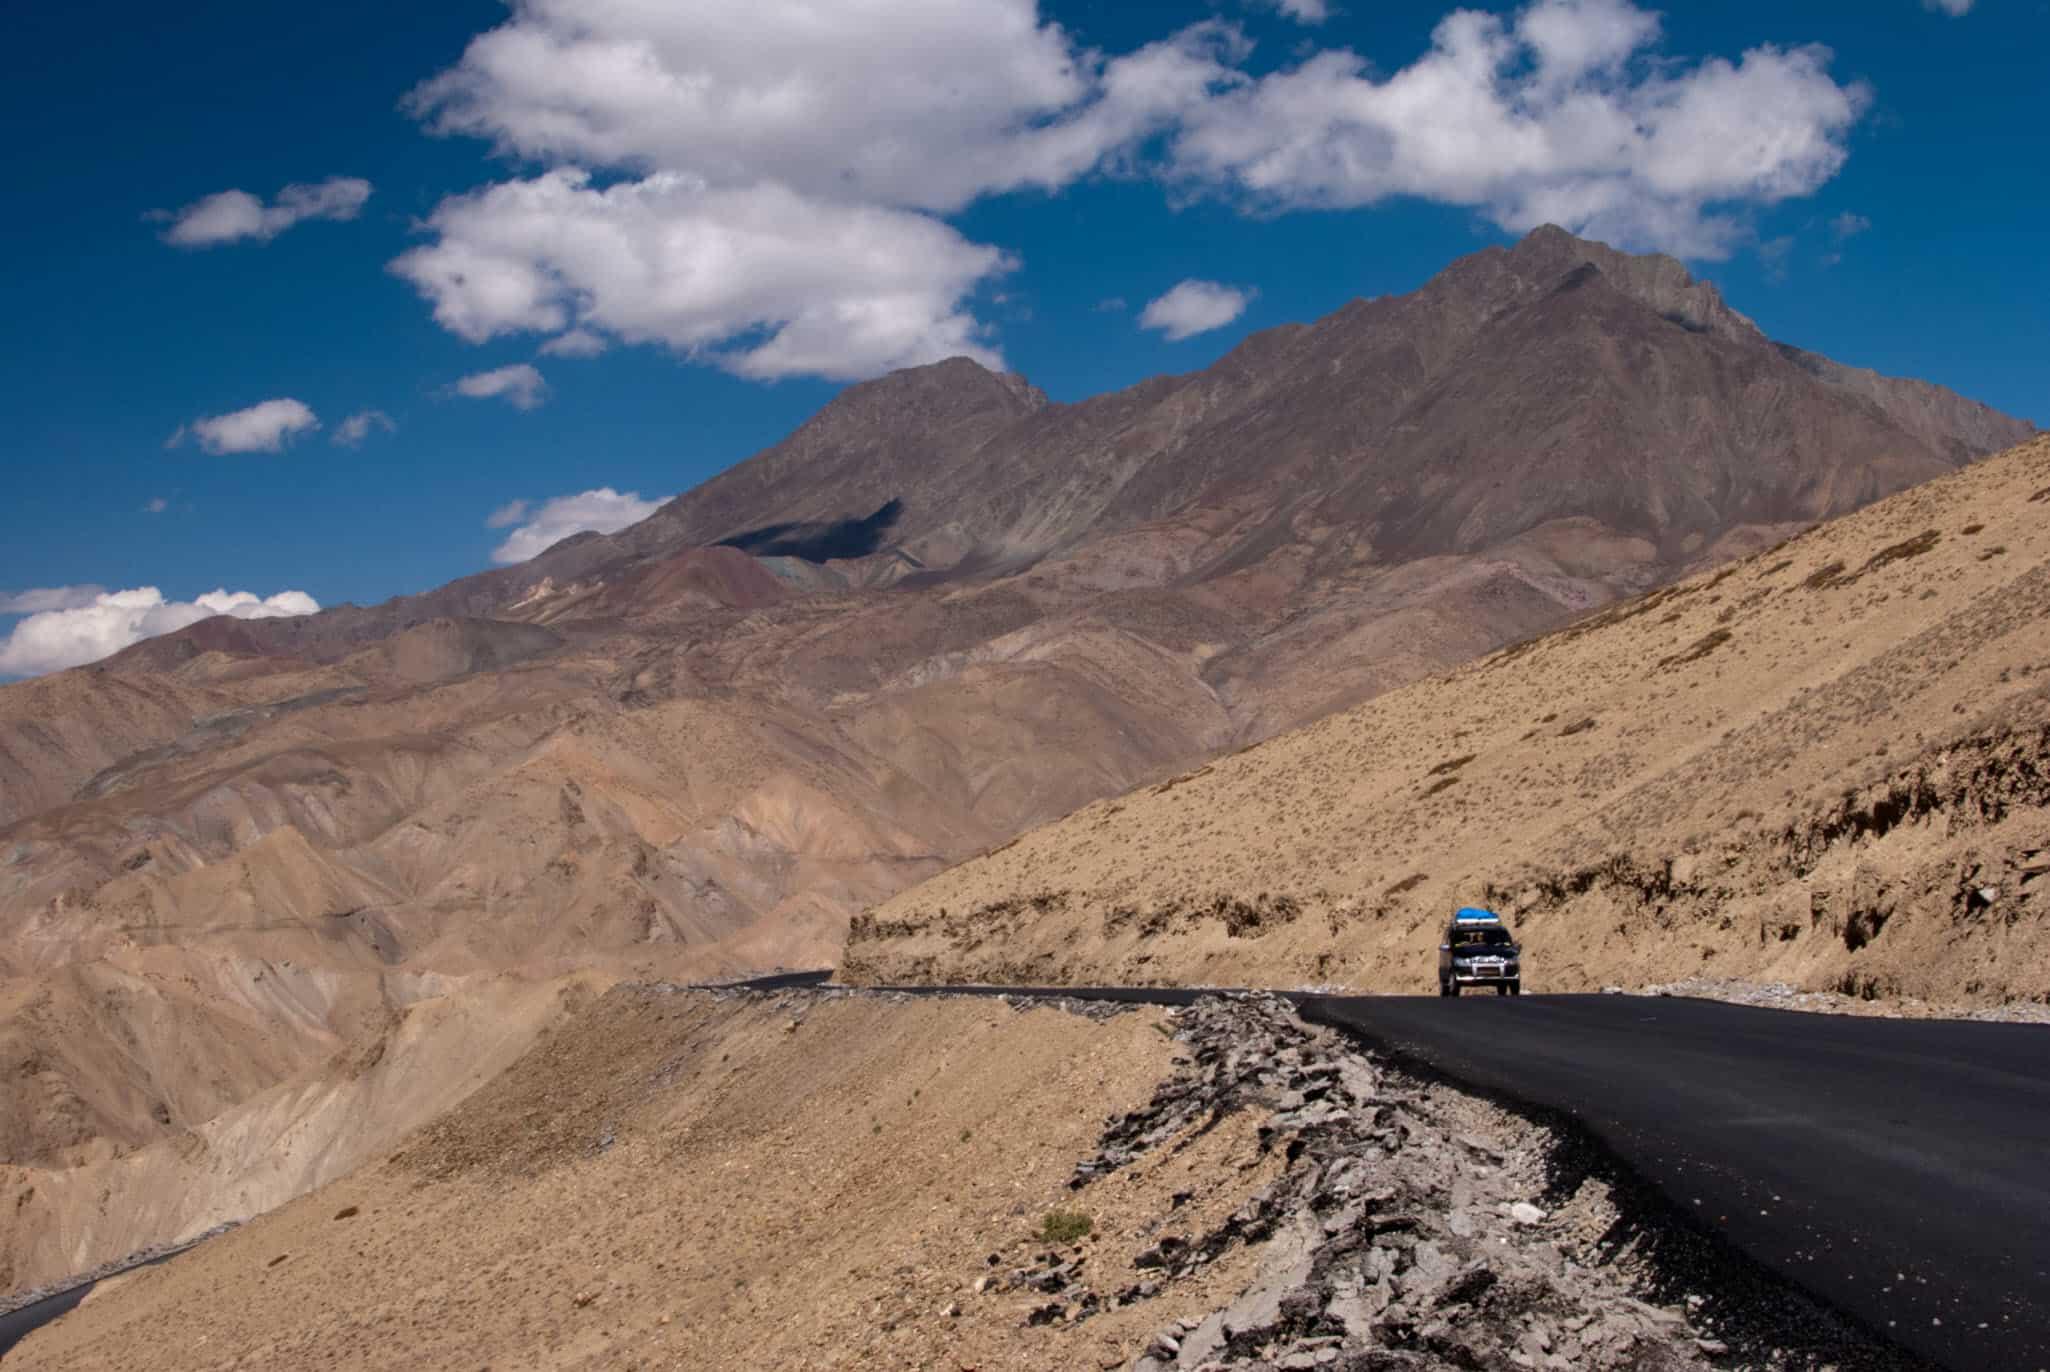 Landscapes of Srinagar Leh Highway